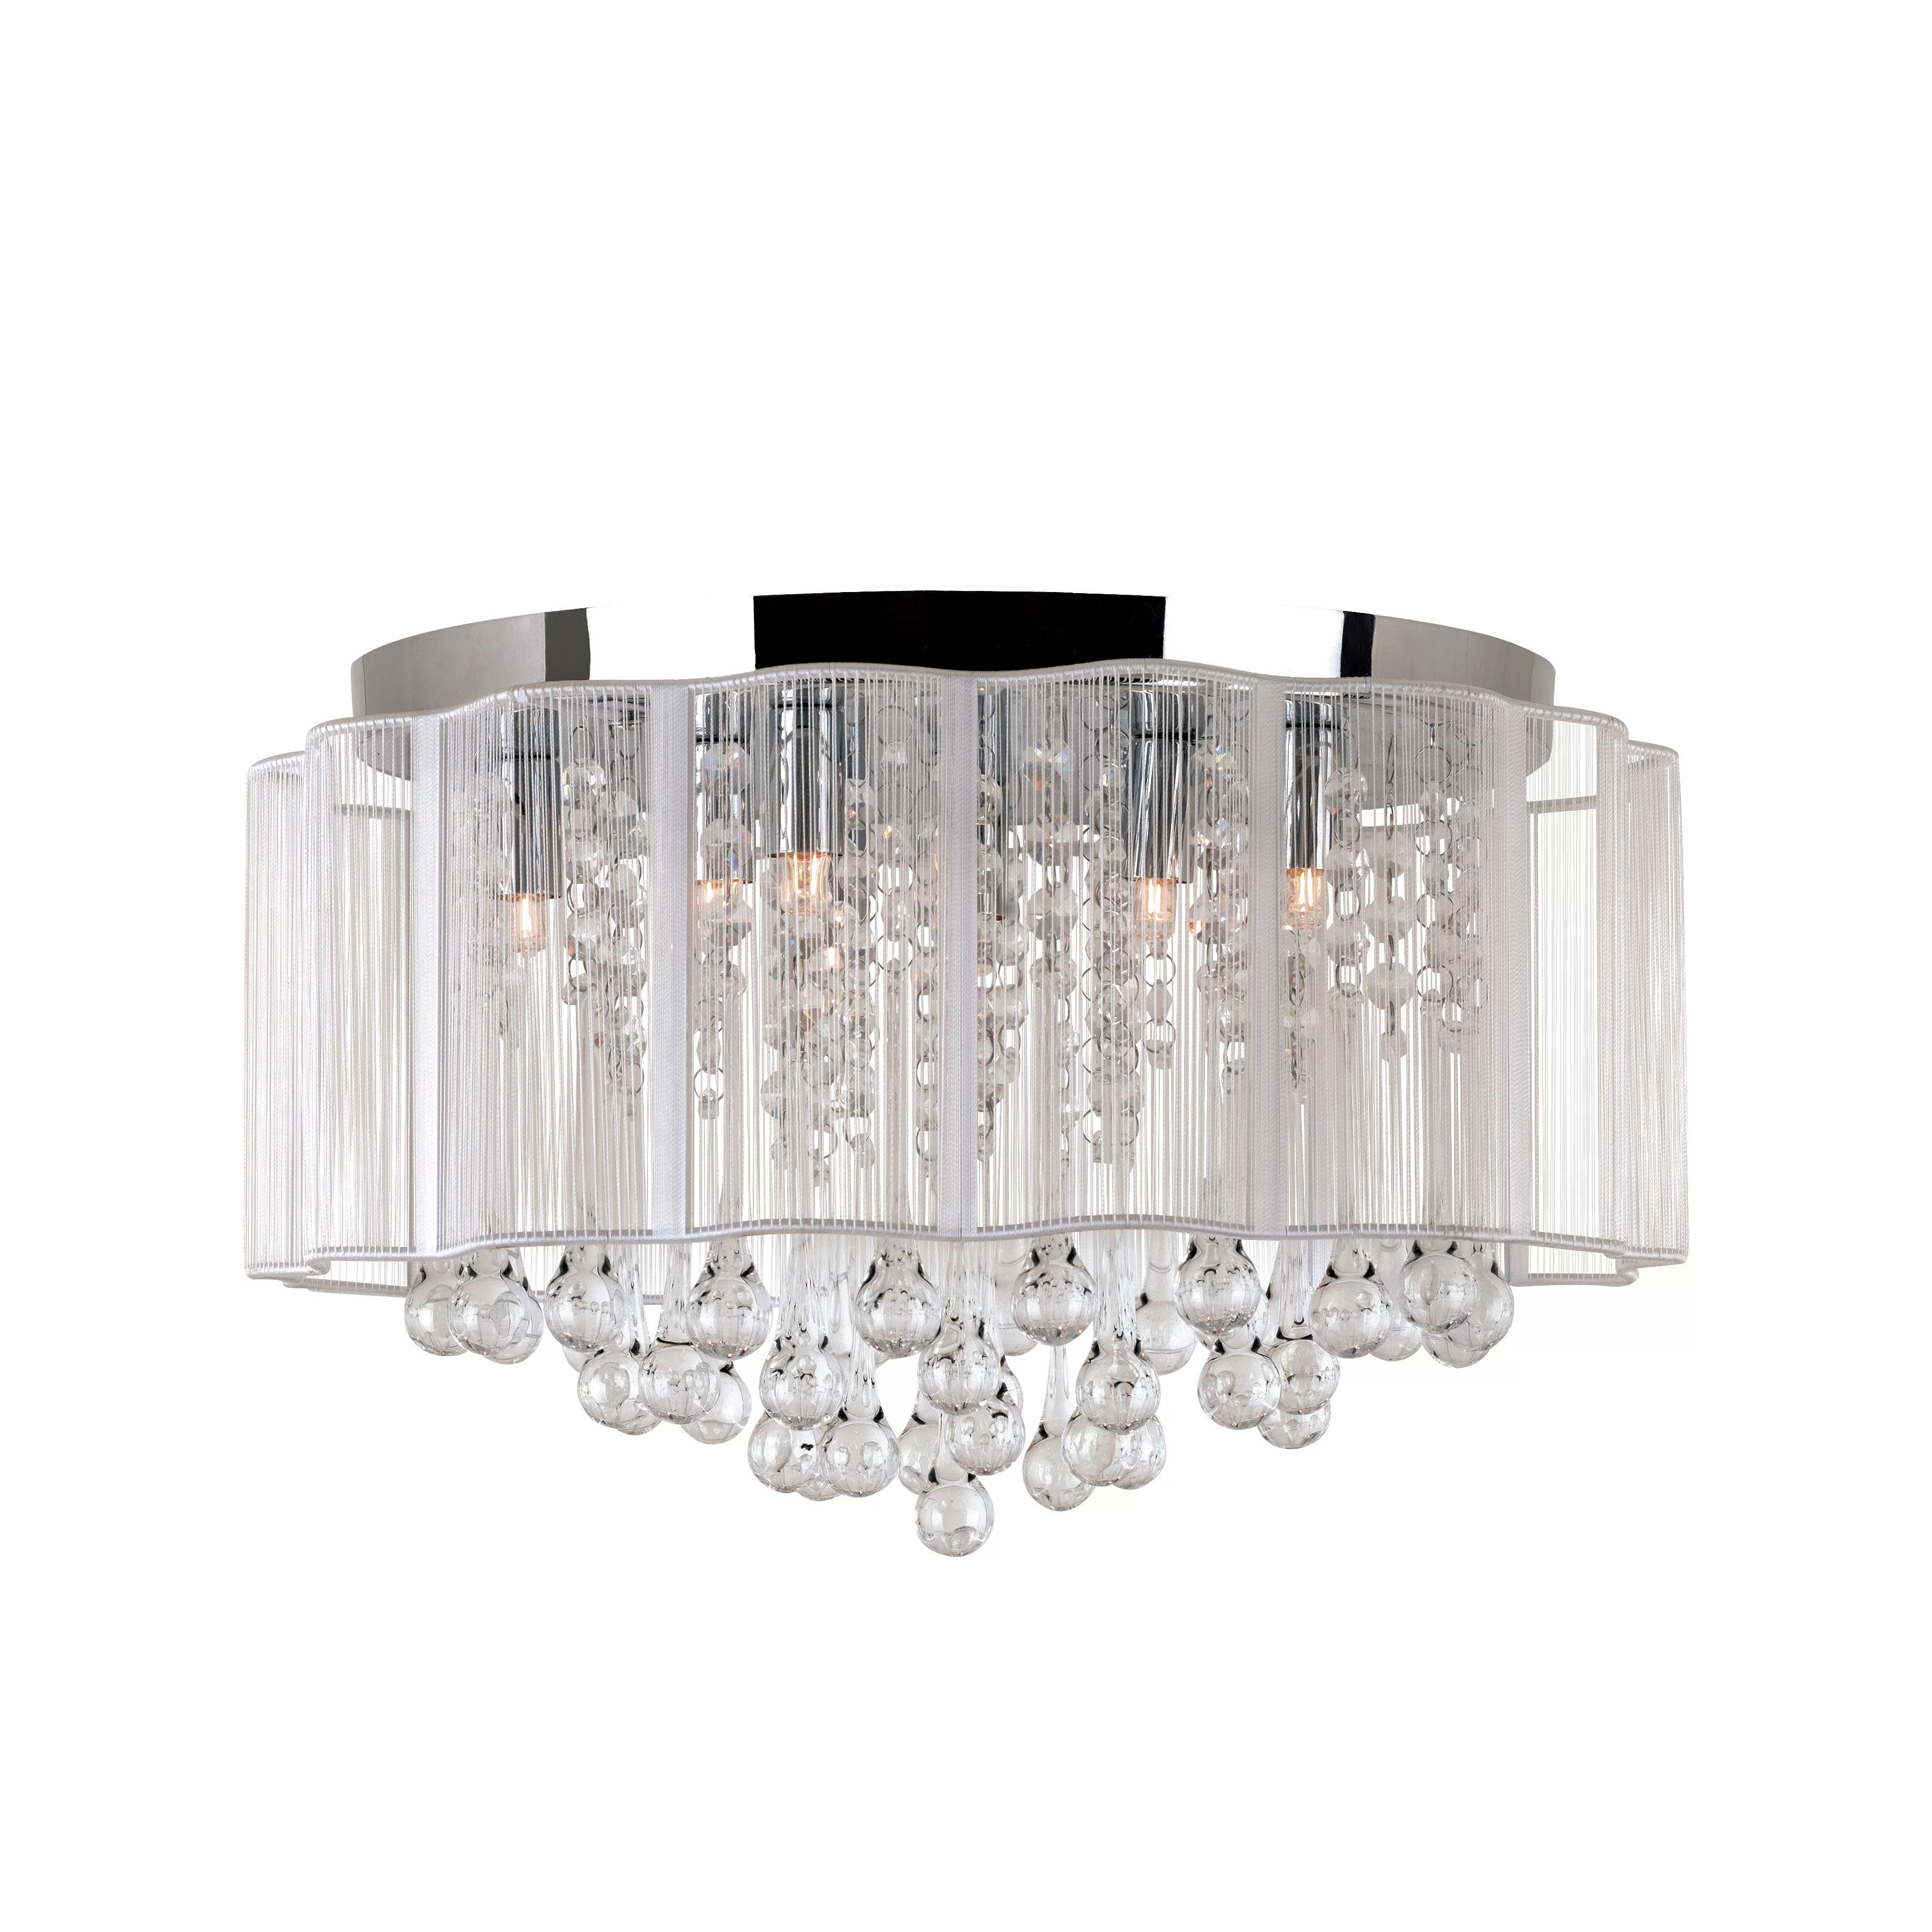 TransGlobe Lighting Veiled Modern 8 Light Flush Mount  Reviews  Wayfair